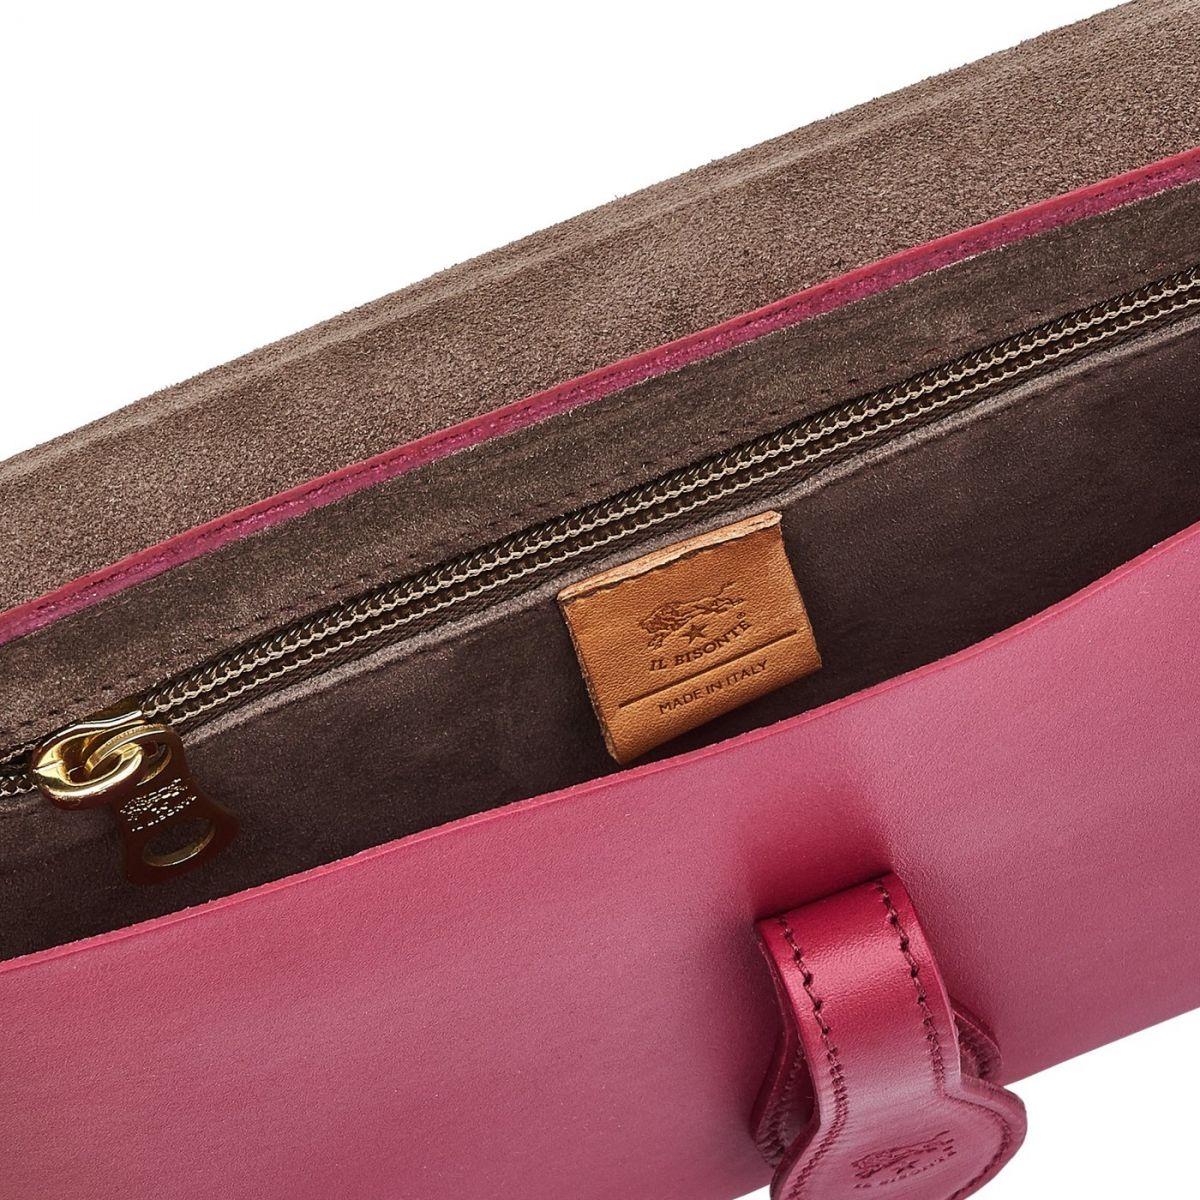 Sac Epaule pour Femme Salina en Cuir De Vachette BSH085 couleur Sumac | Details